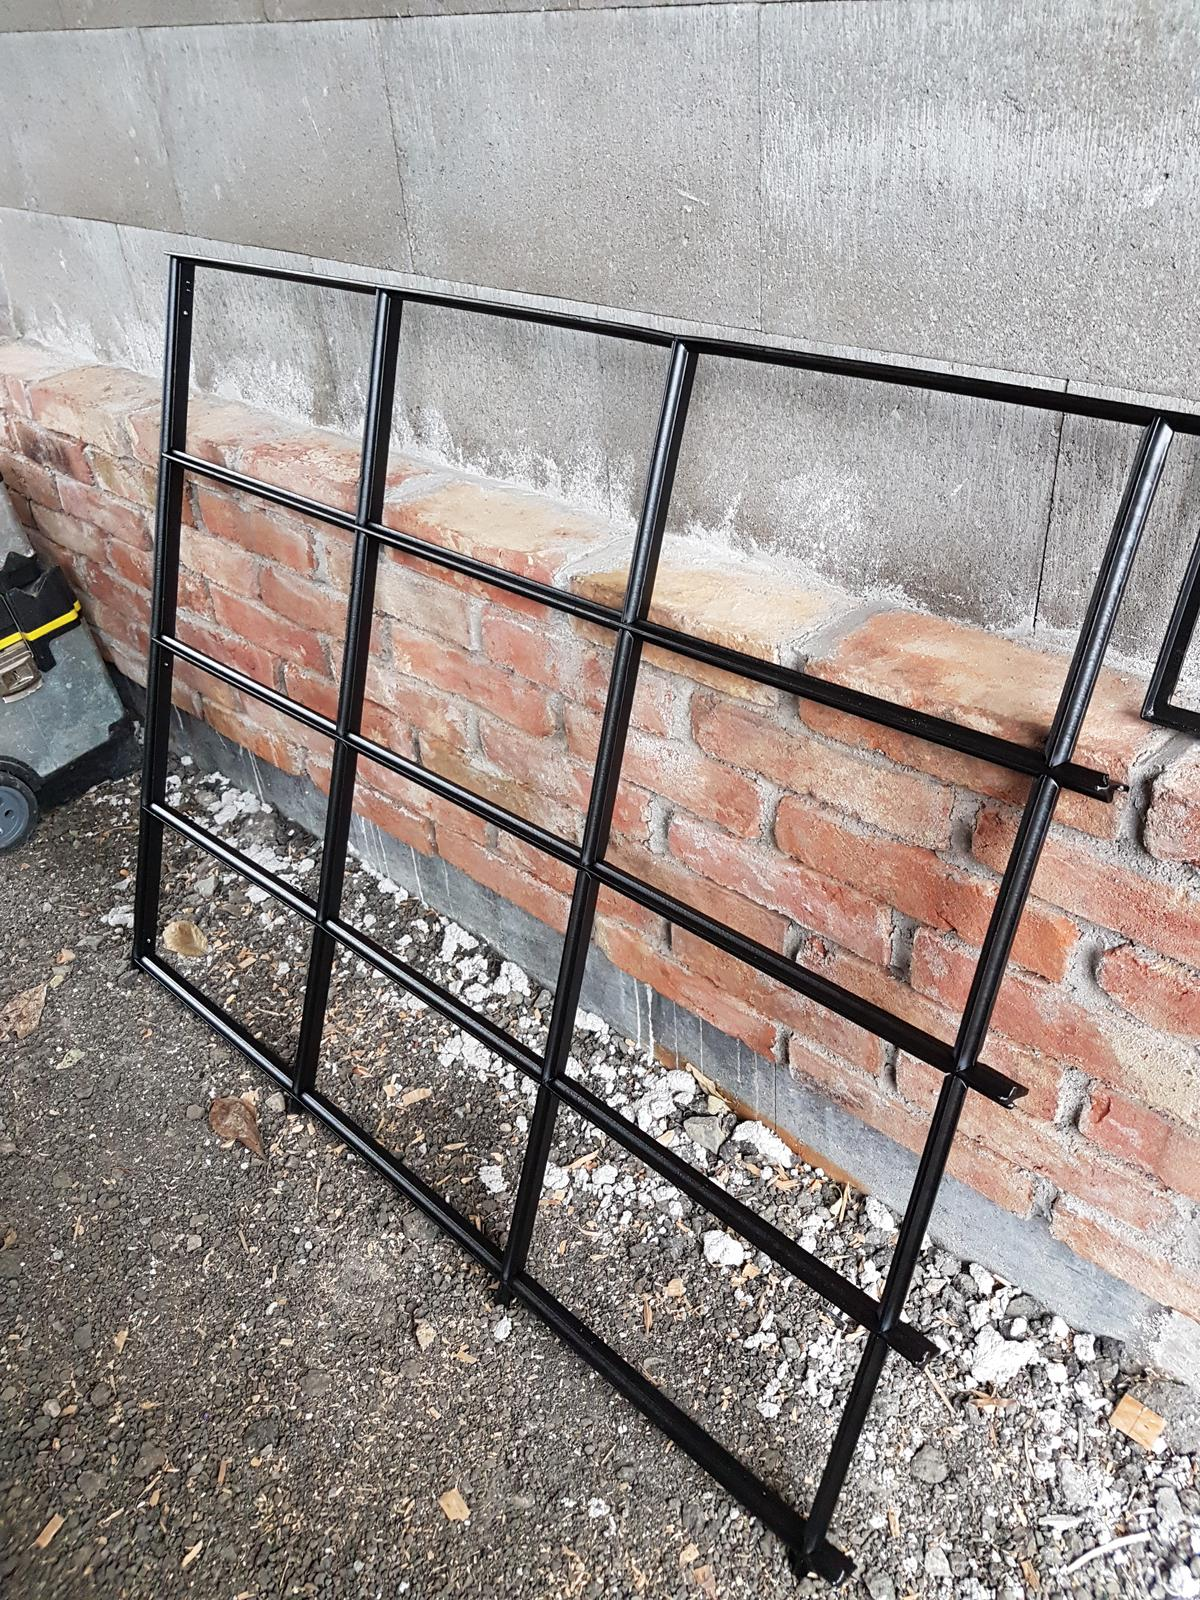 Garážové stánie - projekt r. 2017 - Tunning garažoveho pristrešku.  Okno z Brna. Zo 100 ročneho domu. Kupene cez Bazar, zaplateny hodinovy manžel v Brne aby mi ho z domu vybuchal, zaplatena prepravka ktora mi ho doručila a po ceste rozbila, opieskovane, v lakovni na čierno nastriekane